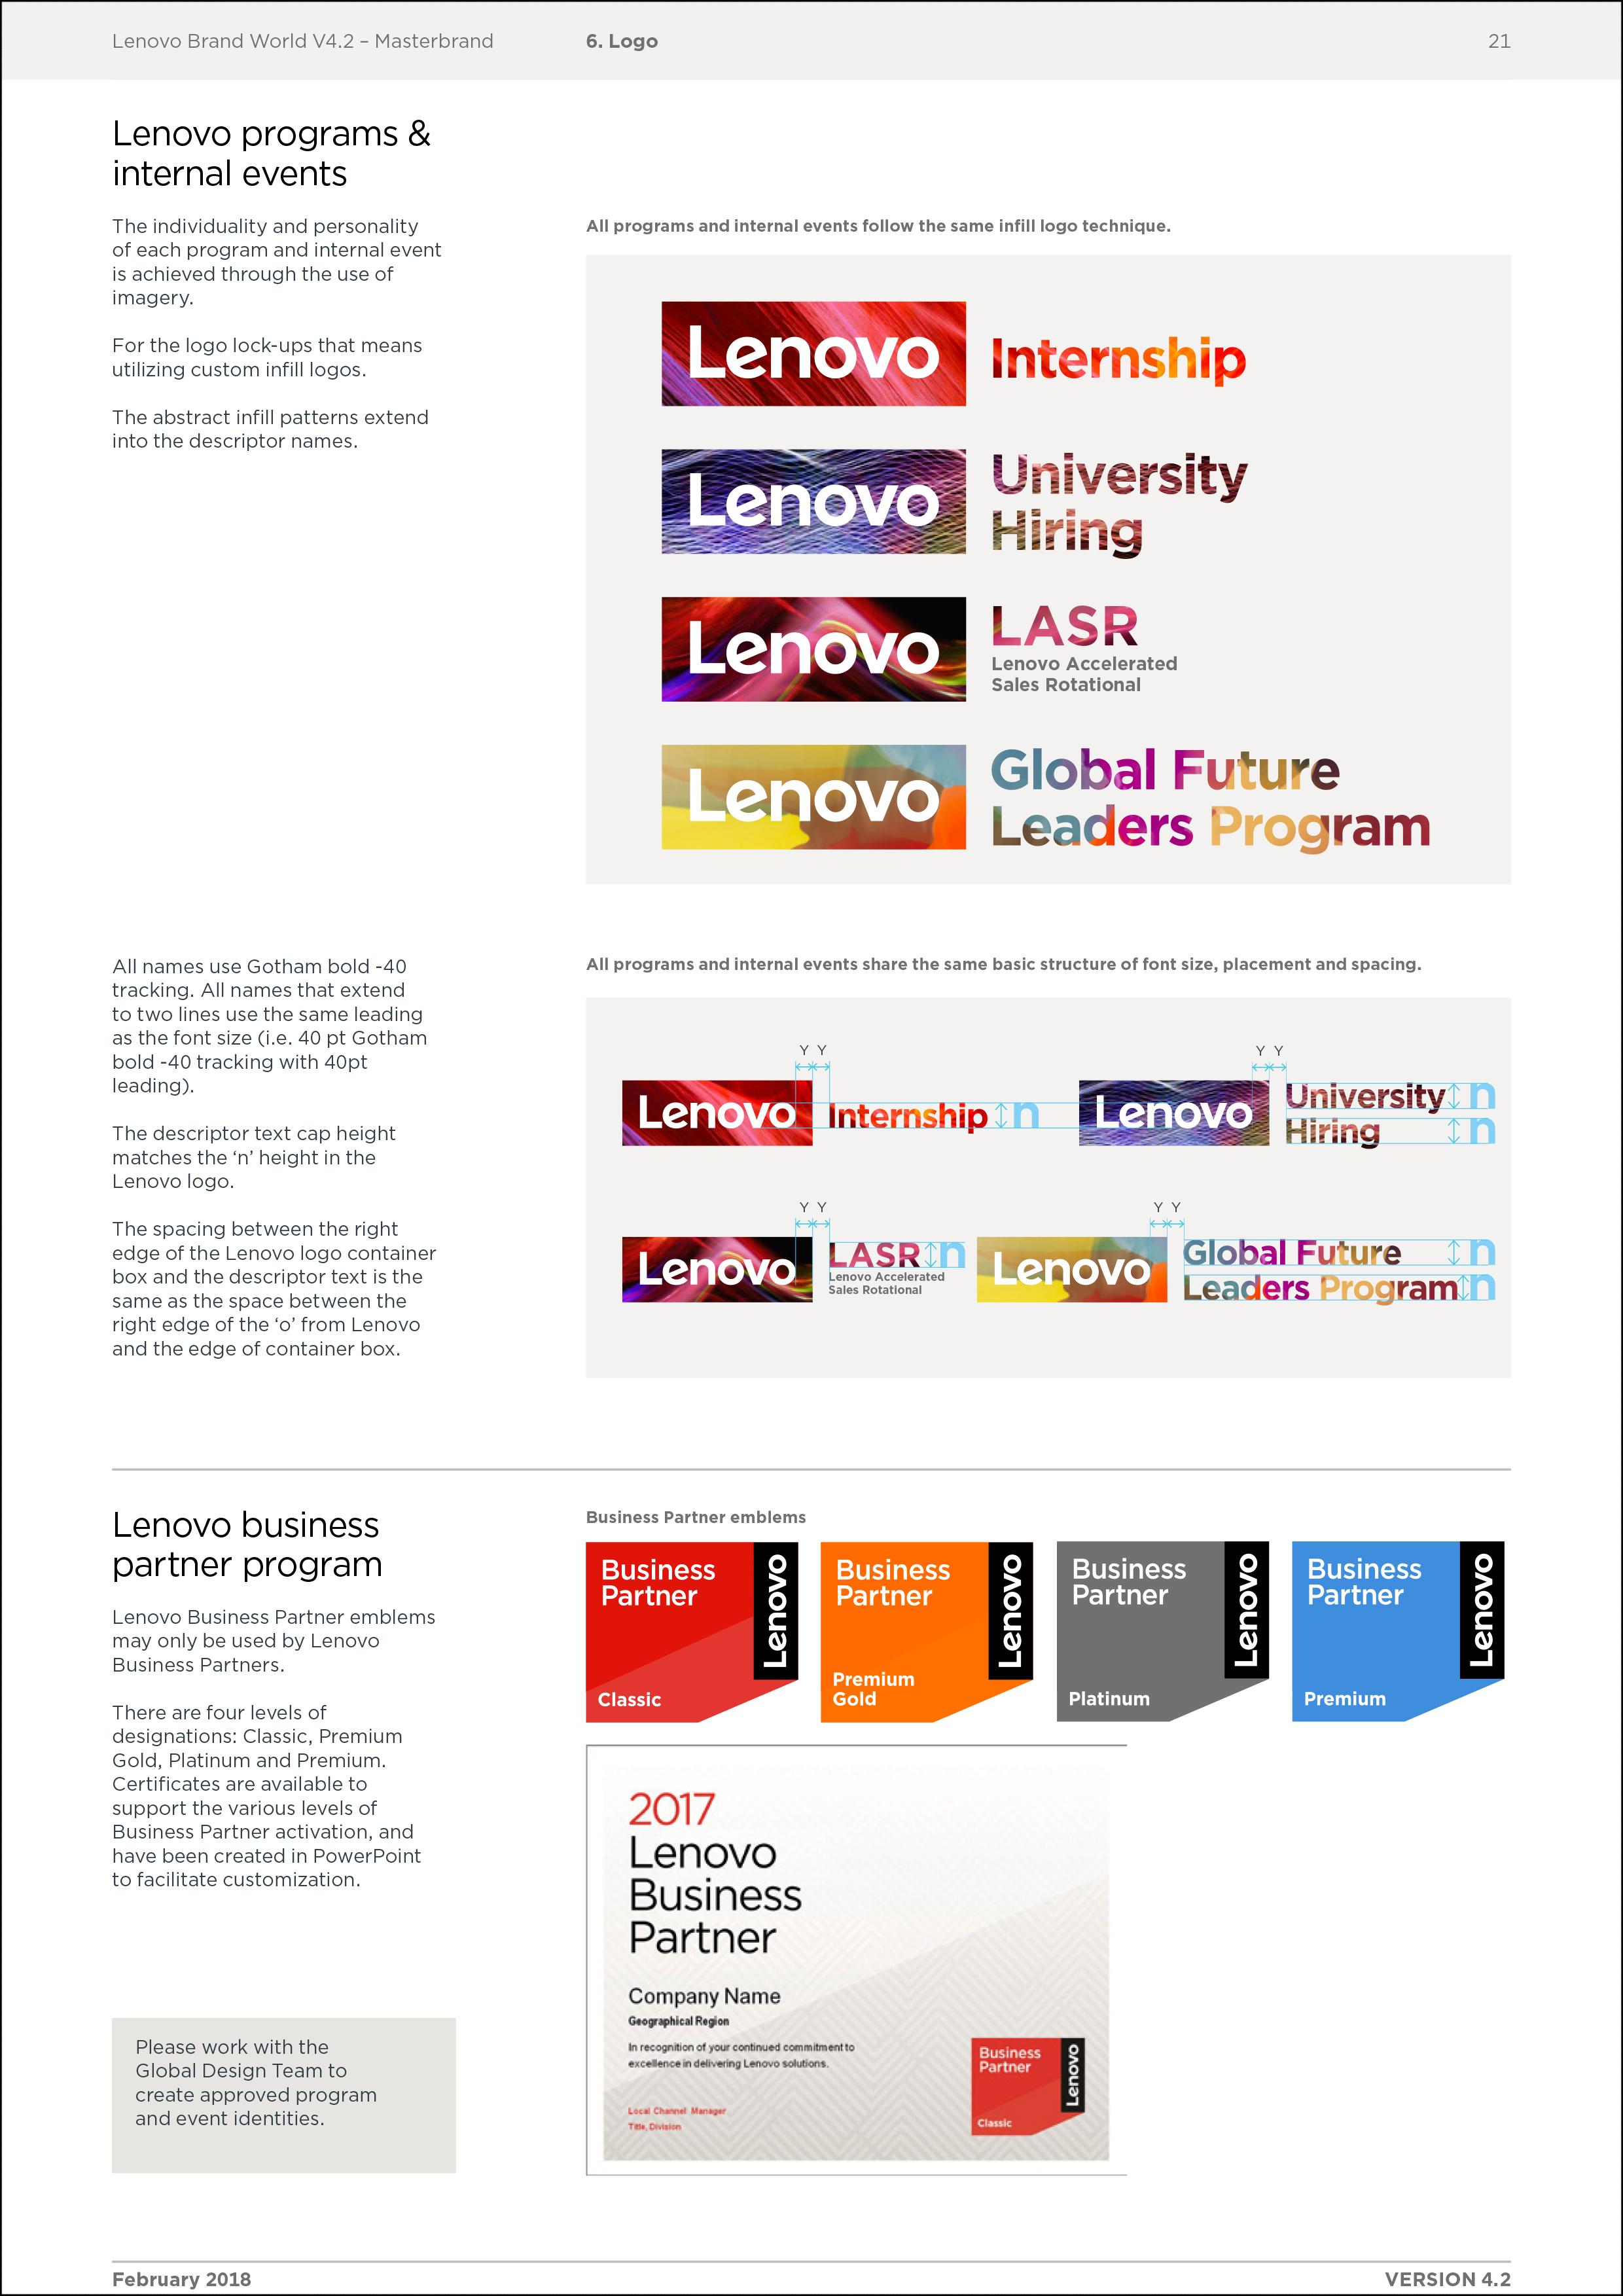 Lenovo_BW17_Masterbrand_V4.2-21-b.jpg